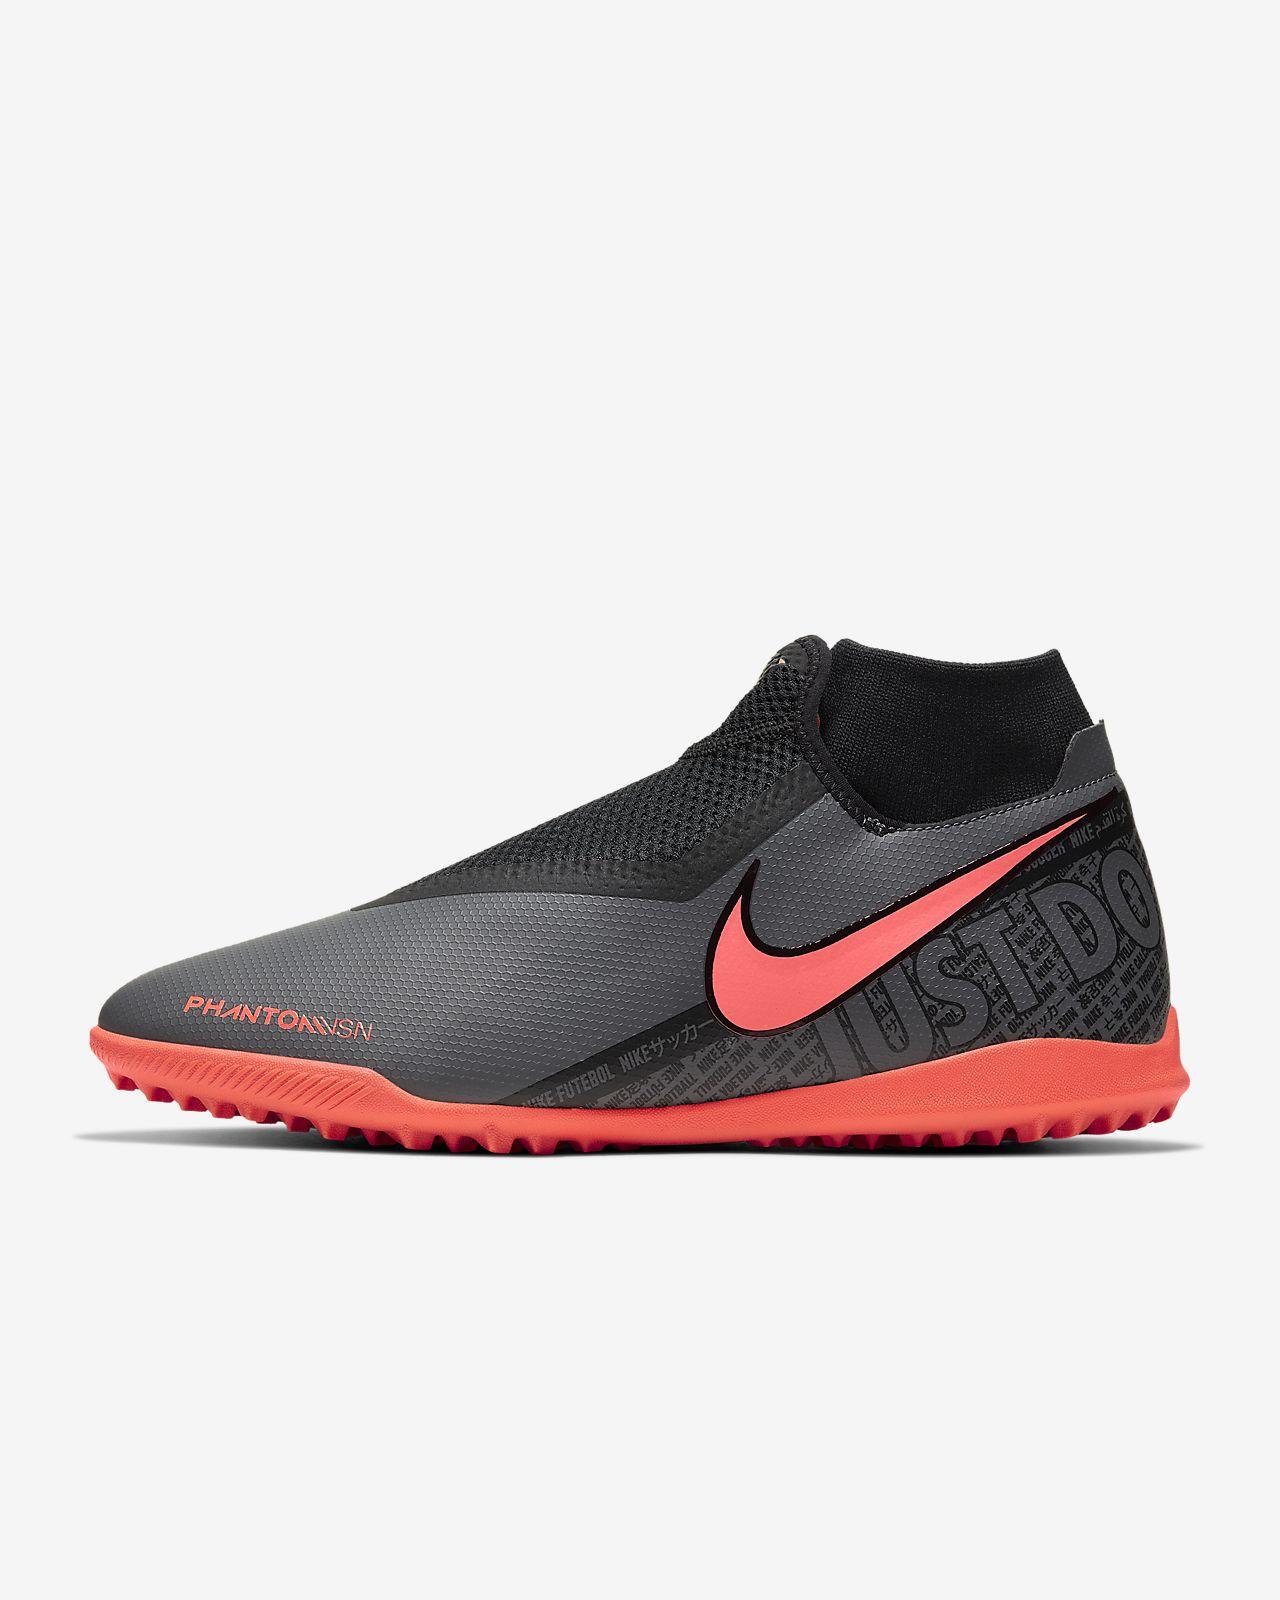 Calzado de fútbol para césped deportivo artificial (turf) Nike Phantom Vision Academy Dynamic Fit TF